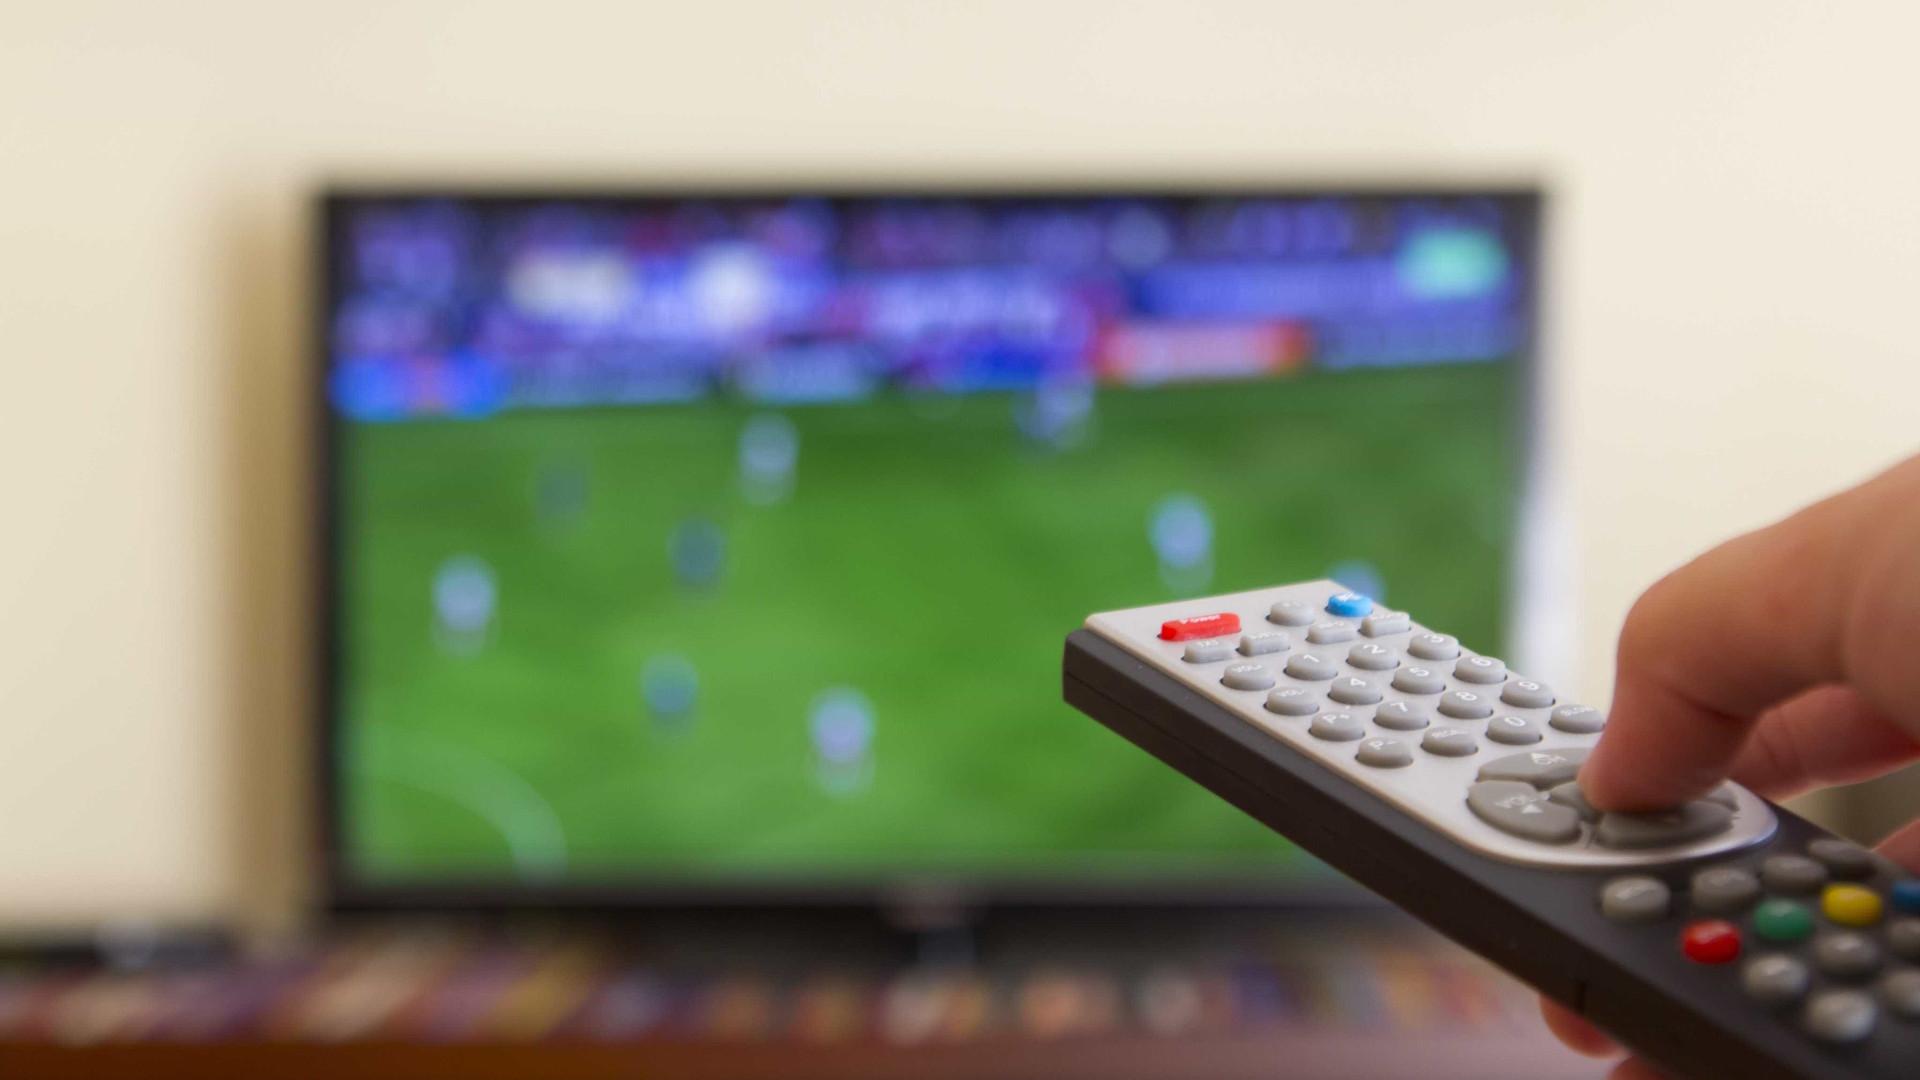 Globo avisa Conmebol que quer rescindir contrato da Libertadores